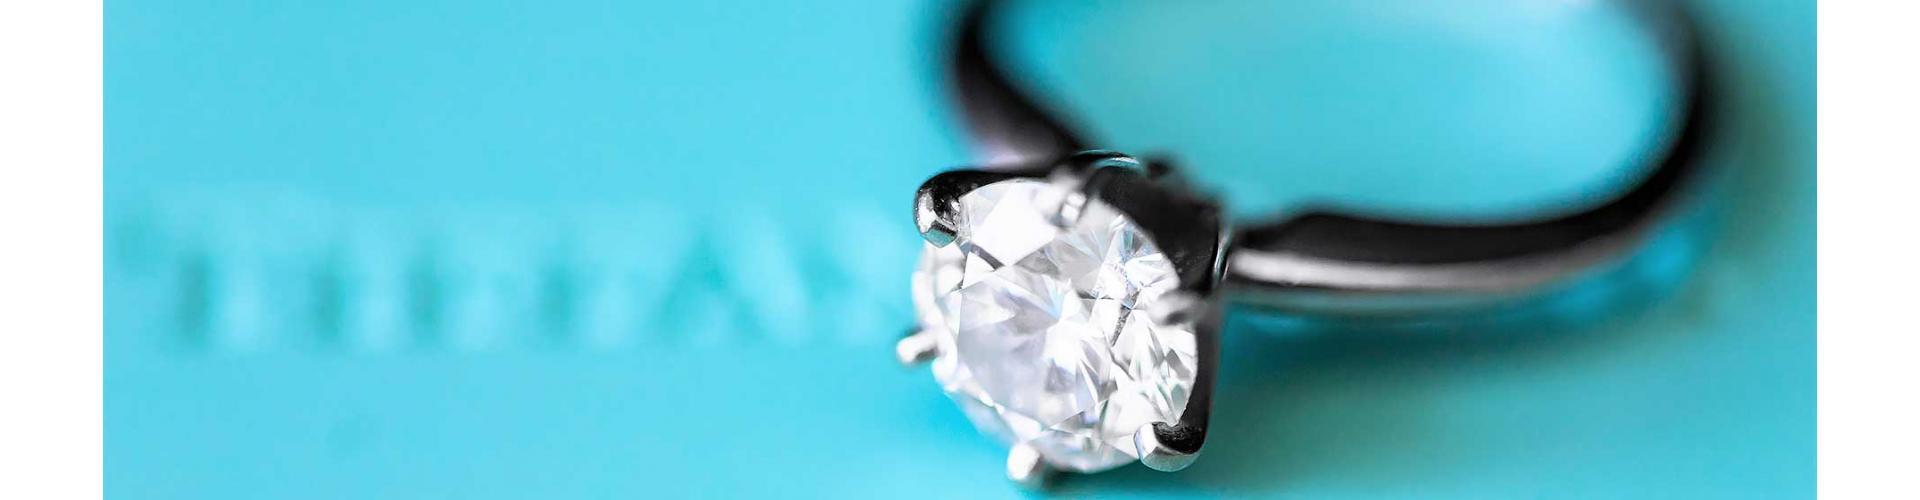 Хотите продать бриллиант